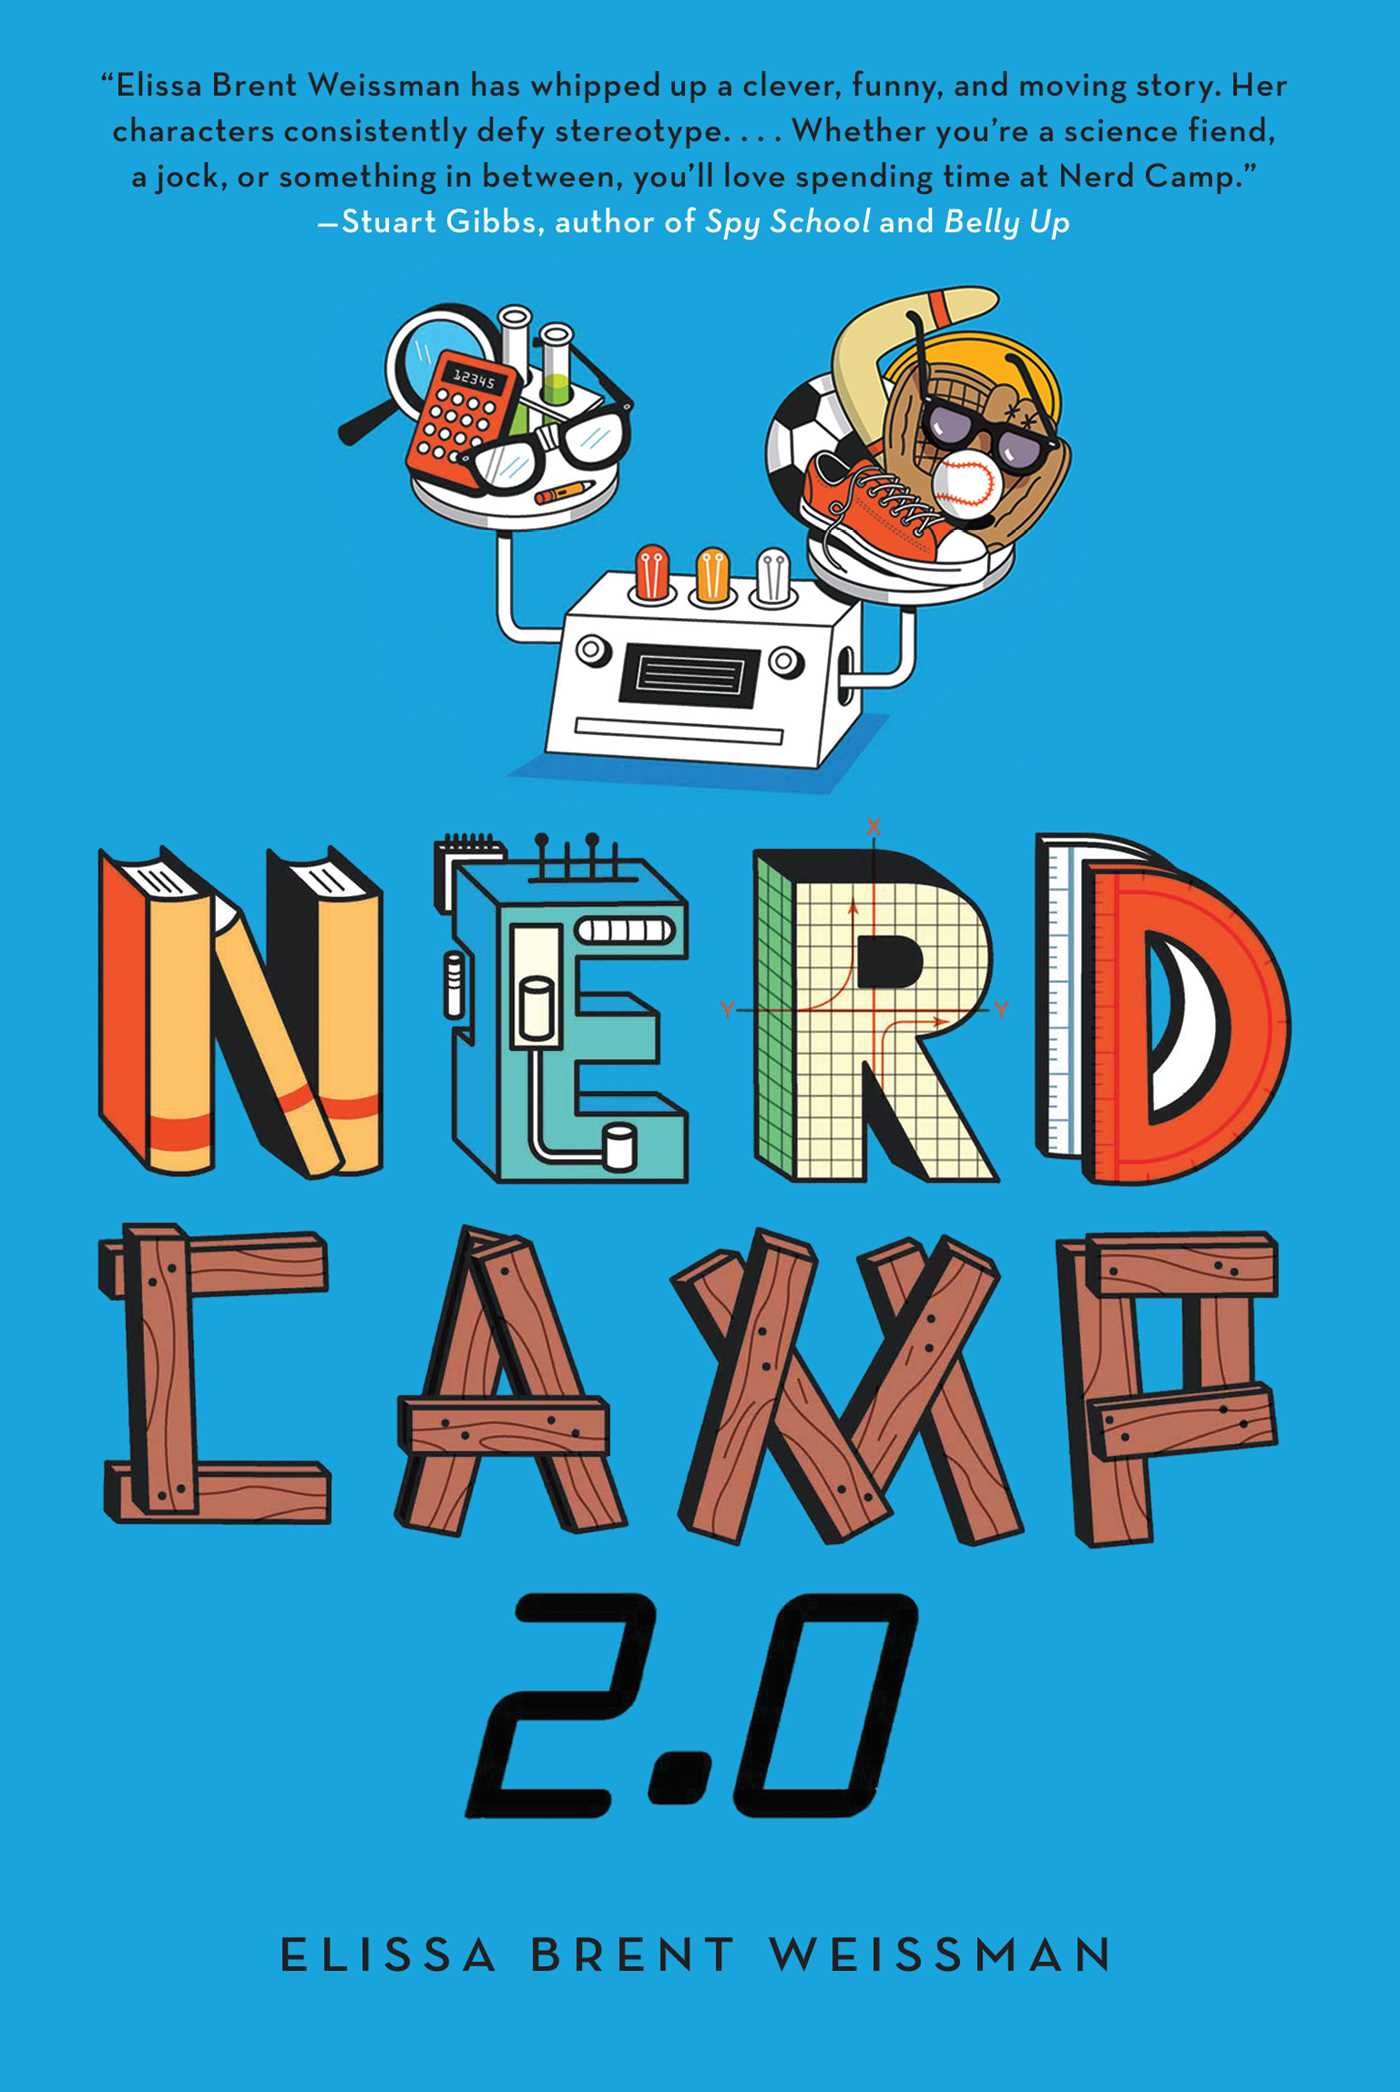 Nerd camp 2 0 9781442452954 hr